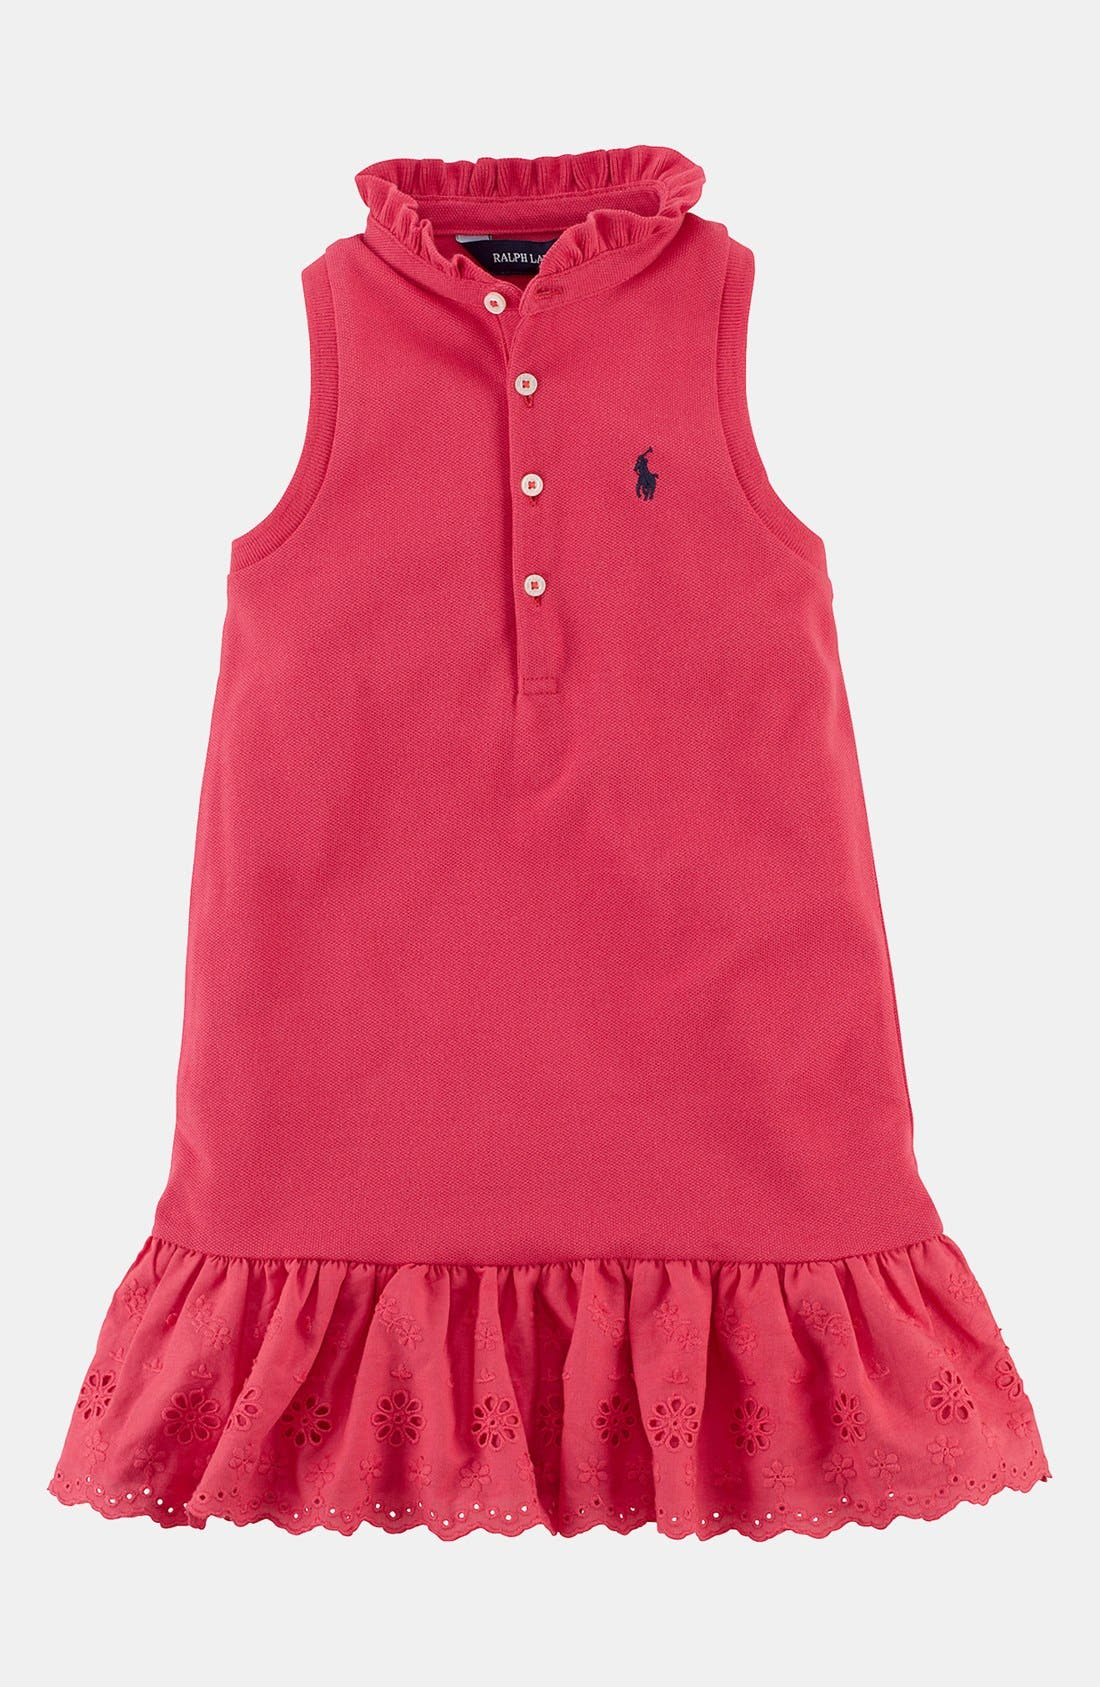 Alternate Image 1 Selected - Ralph Lauren Sleeveless Polo Dress (Toddler Girls)